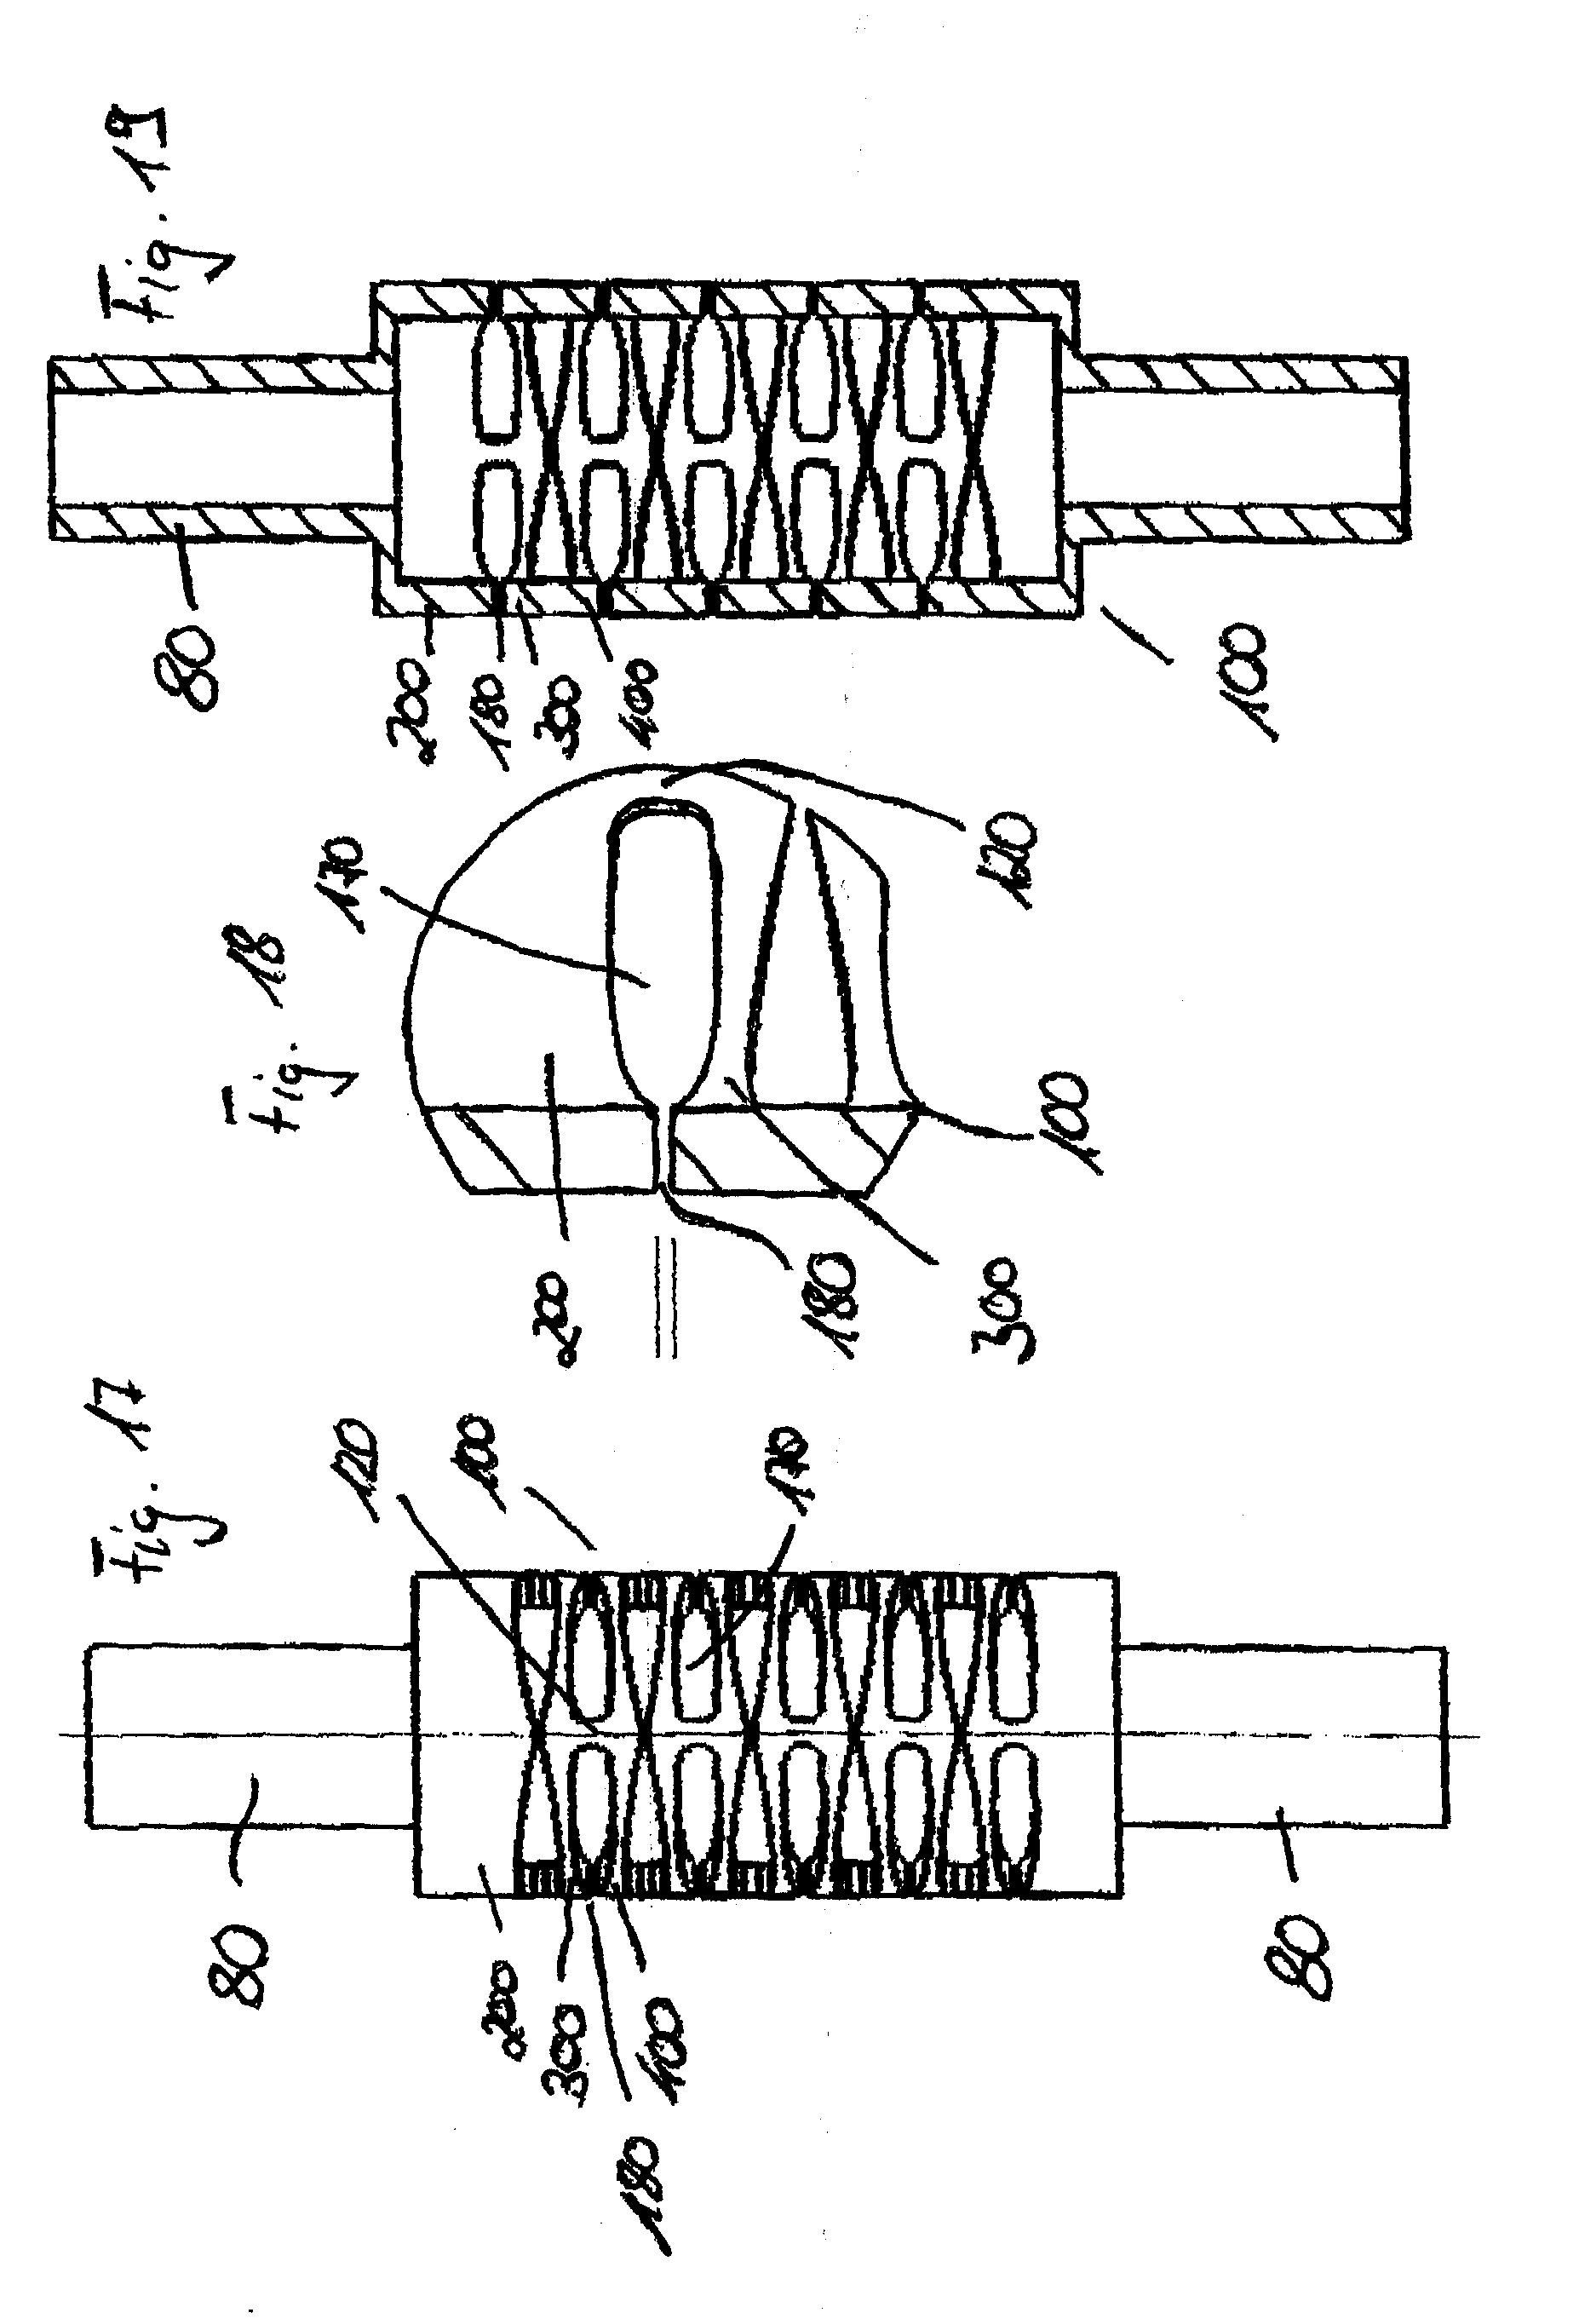 专利ep1943986a2 - implant